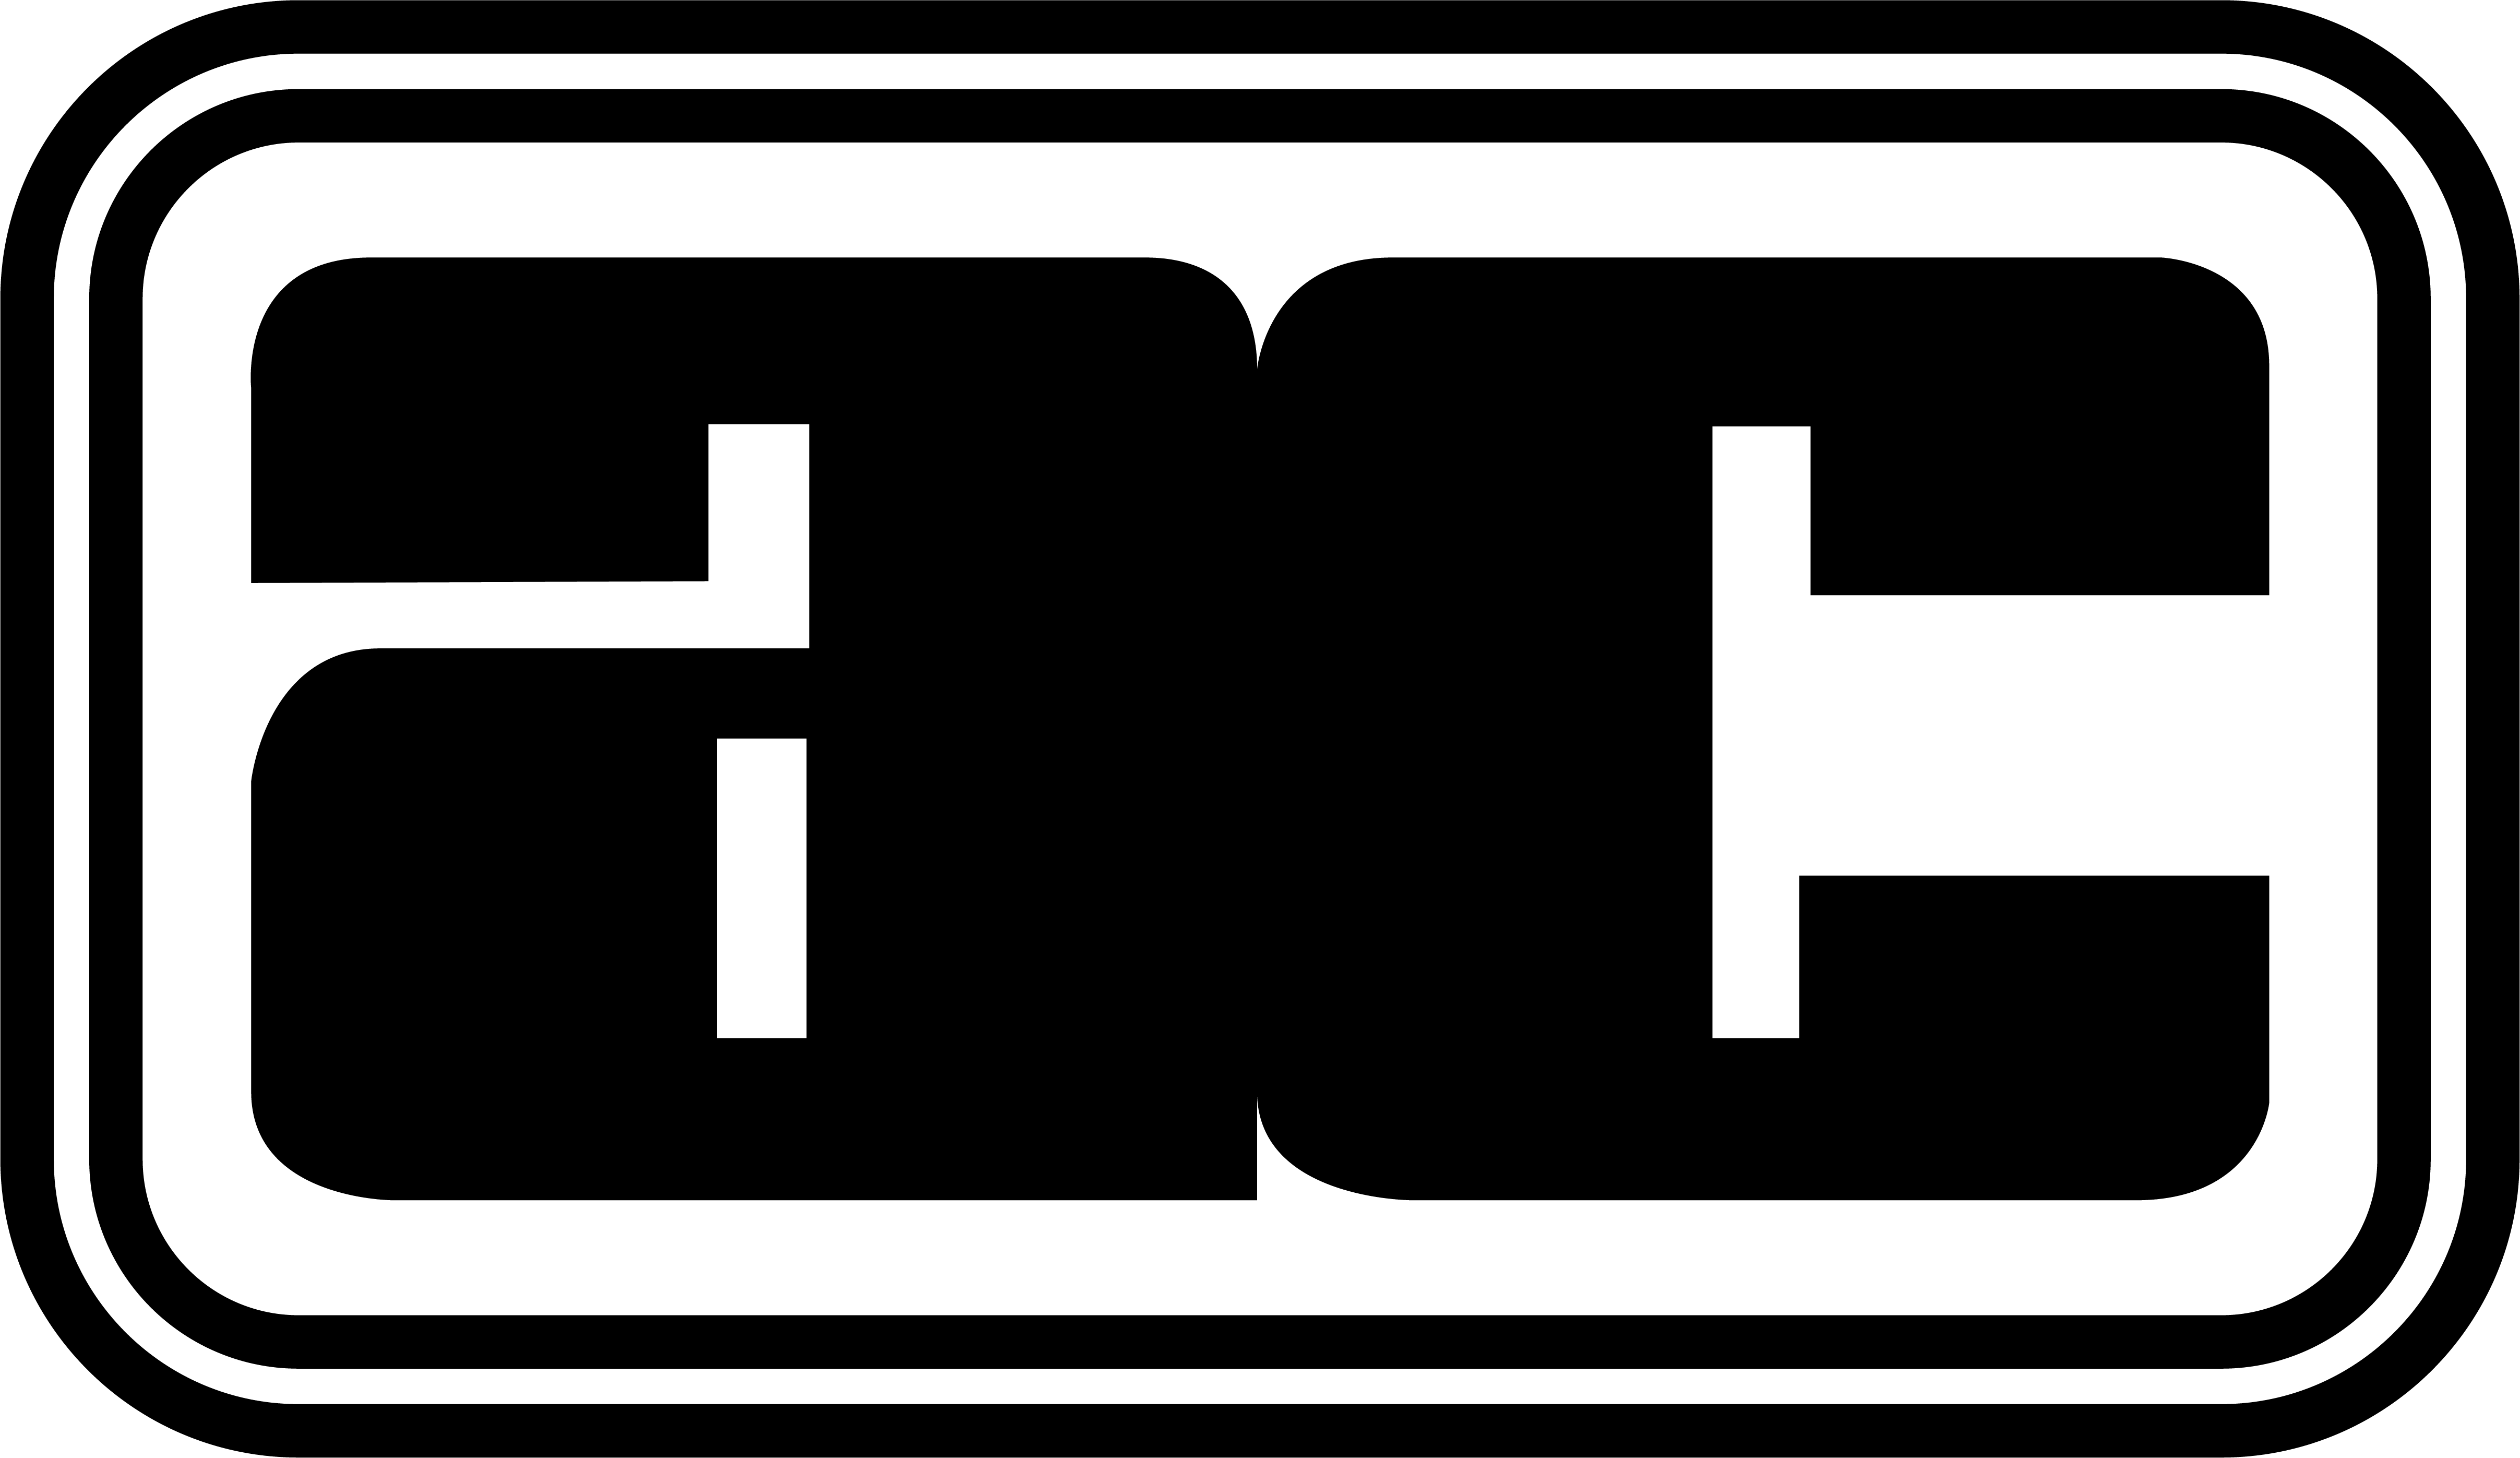 First Logotype